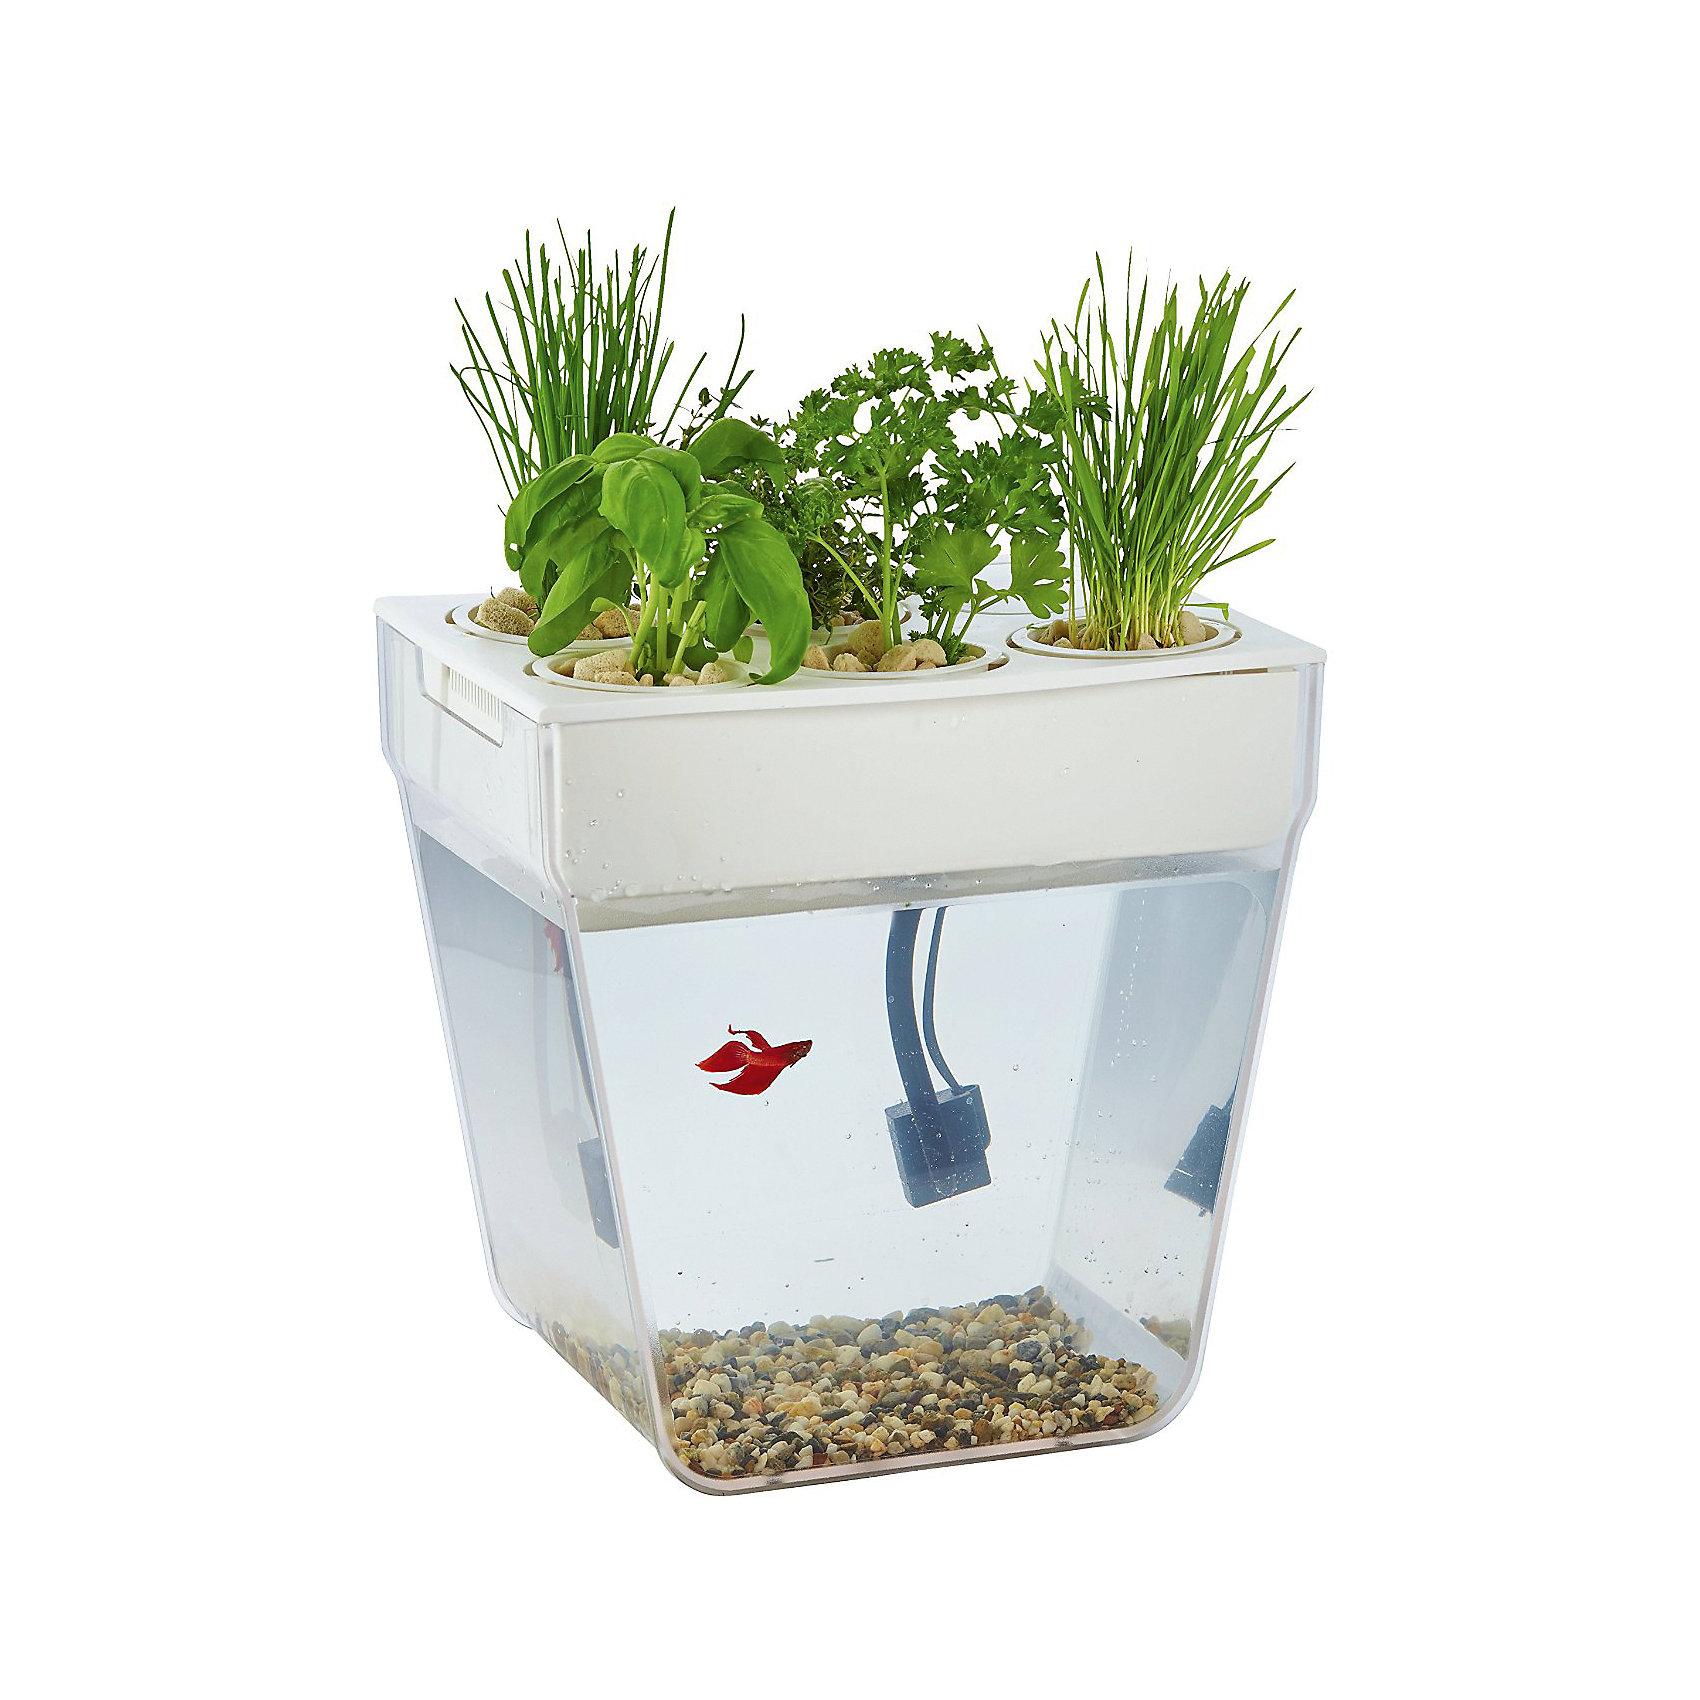 Aquafarm - Акваферма, Назад к истокамЭксперименты и опыты<br>Акваферма – уникальный синтез аквариума и площадки для разведения растений.  Она представляет собой замкнутую экосистему, поддерживающую баланс между растениями и рыбкой. Это самоочищающийся аквариум, который выращивает урожай. Система регулирует сама себя. В набор Аквафермы входит все необходимое для создания полноценной эко-фермы. Просто добавьте рыбку!<br><br>Как «оживить» Акваферму? Просто заполните поддоны субстратом, высадите растения и наполните водой резервуар. Все приготовления займут не более часа. И, наконец, включите Акваферму в розетку, запустите любимую рыбку и не забывайте кормить ее. В остальном система автономна. Естественные отходы вашей рыбки поднимаются потоком воды к горшочкам сверху и питают растения. Очищенная вода поступает обратно к рыбке.<br><br>Дополнительная информация:<br><br>В комплекте: пластиковый аквариум с поддоном для выращивания растений (прозрачная колба, поддон, крышка с отверстиями для горшков и клапаном для кормления рыбки, 5 пластиковых горшков для растений, субстрат для выращивания растений, натуральные камни на дно аквариума, натуральный корм для рыбки, комплект семян растений, вид растений зависит от партии, насос для воды (сертифицирован), силиконовая трубка для насоса, кондиционер для аквариумной воды, инструкция по эксплуатации на русском языке.<br><br>Аква-ферму - самоочищающийся аквариум можно купить в нашем интернет-магазине.<br><br>Ширина мм: 340<br>Глубина мм: 240<br>Высота мм: 340<br>Вес г: 3040<br>Возраст от месяцев: 84<br>Возраст до месяцев: 216<br>Пол: Унисекс<br>Возраст: Детский<br>SKU: 3800320